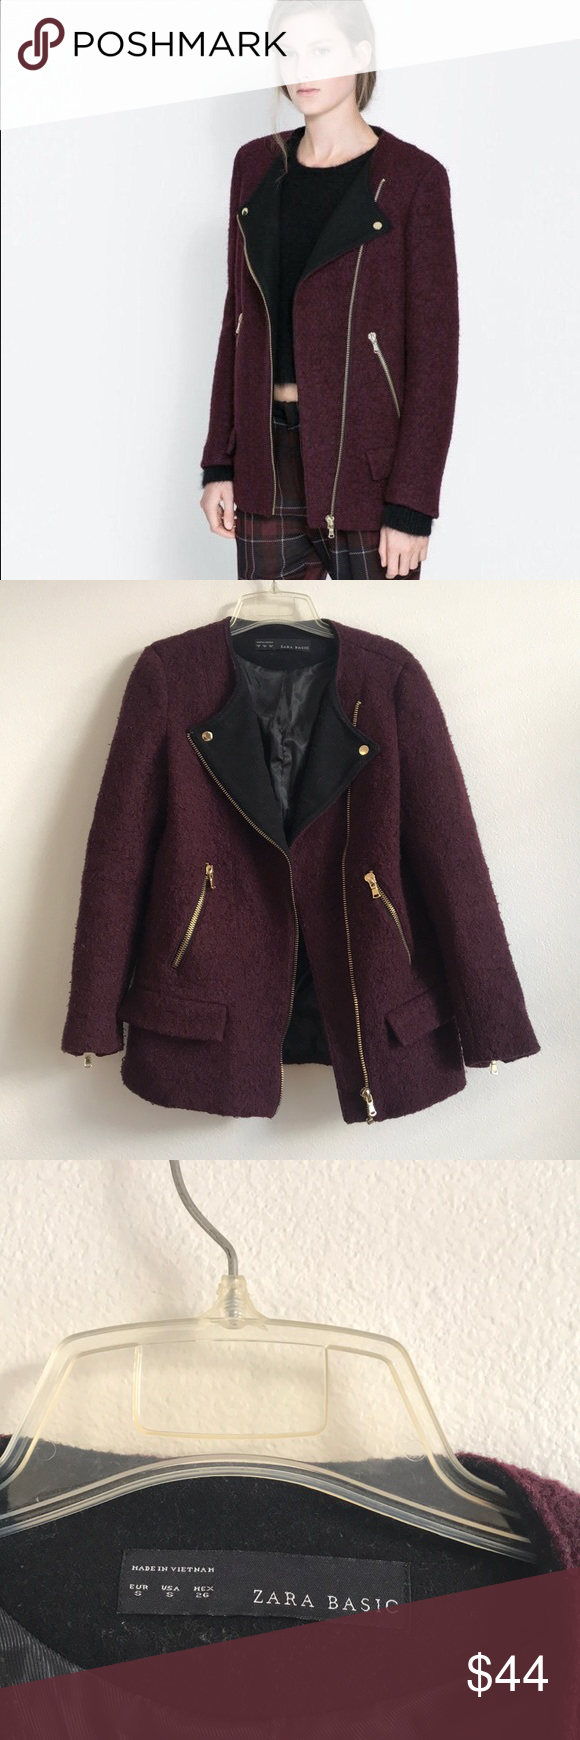 Zara Burgundy Maroon Zip Up Coat Clothes design, Zara